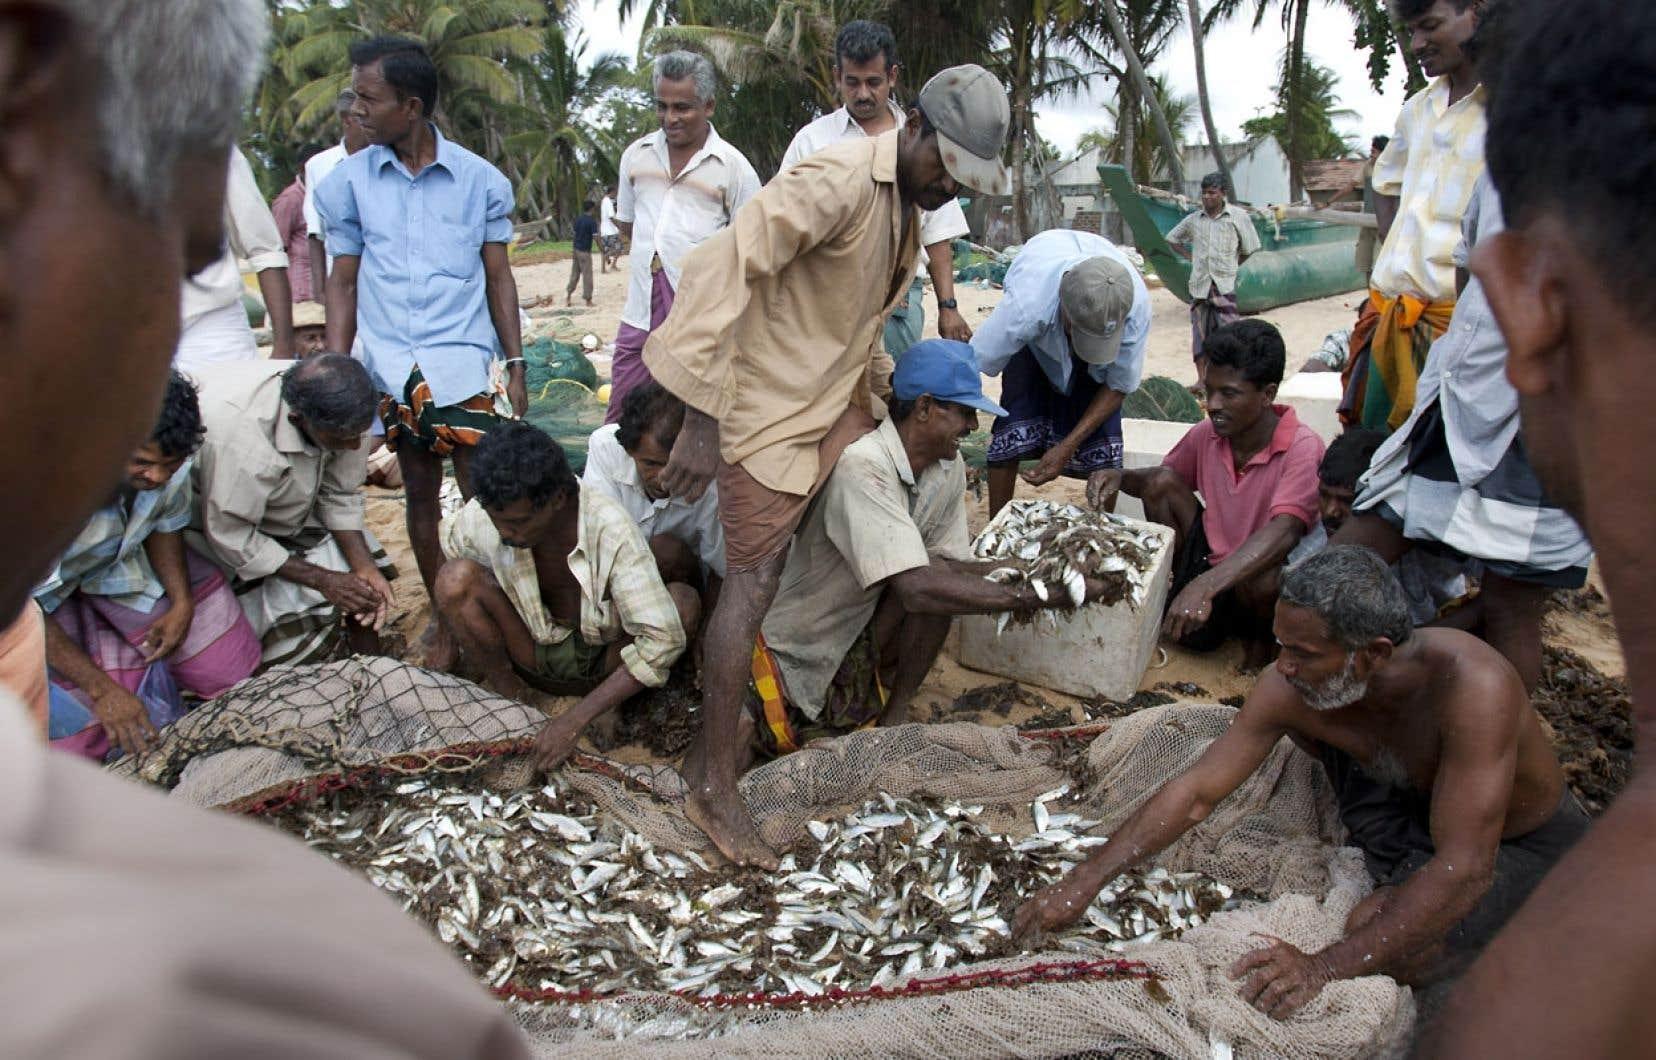 Pour préserver les ressources marines dont dépendent les peuples côtiers pour leur économie et leur alimentation, ce sont les citadins qui ont le pouvoir de changer leurs habitudes de consommation en se tournant vers des espèces moins menacées, issues d'une pêche plus responsable.